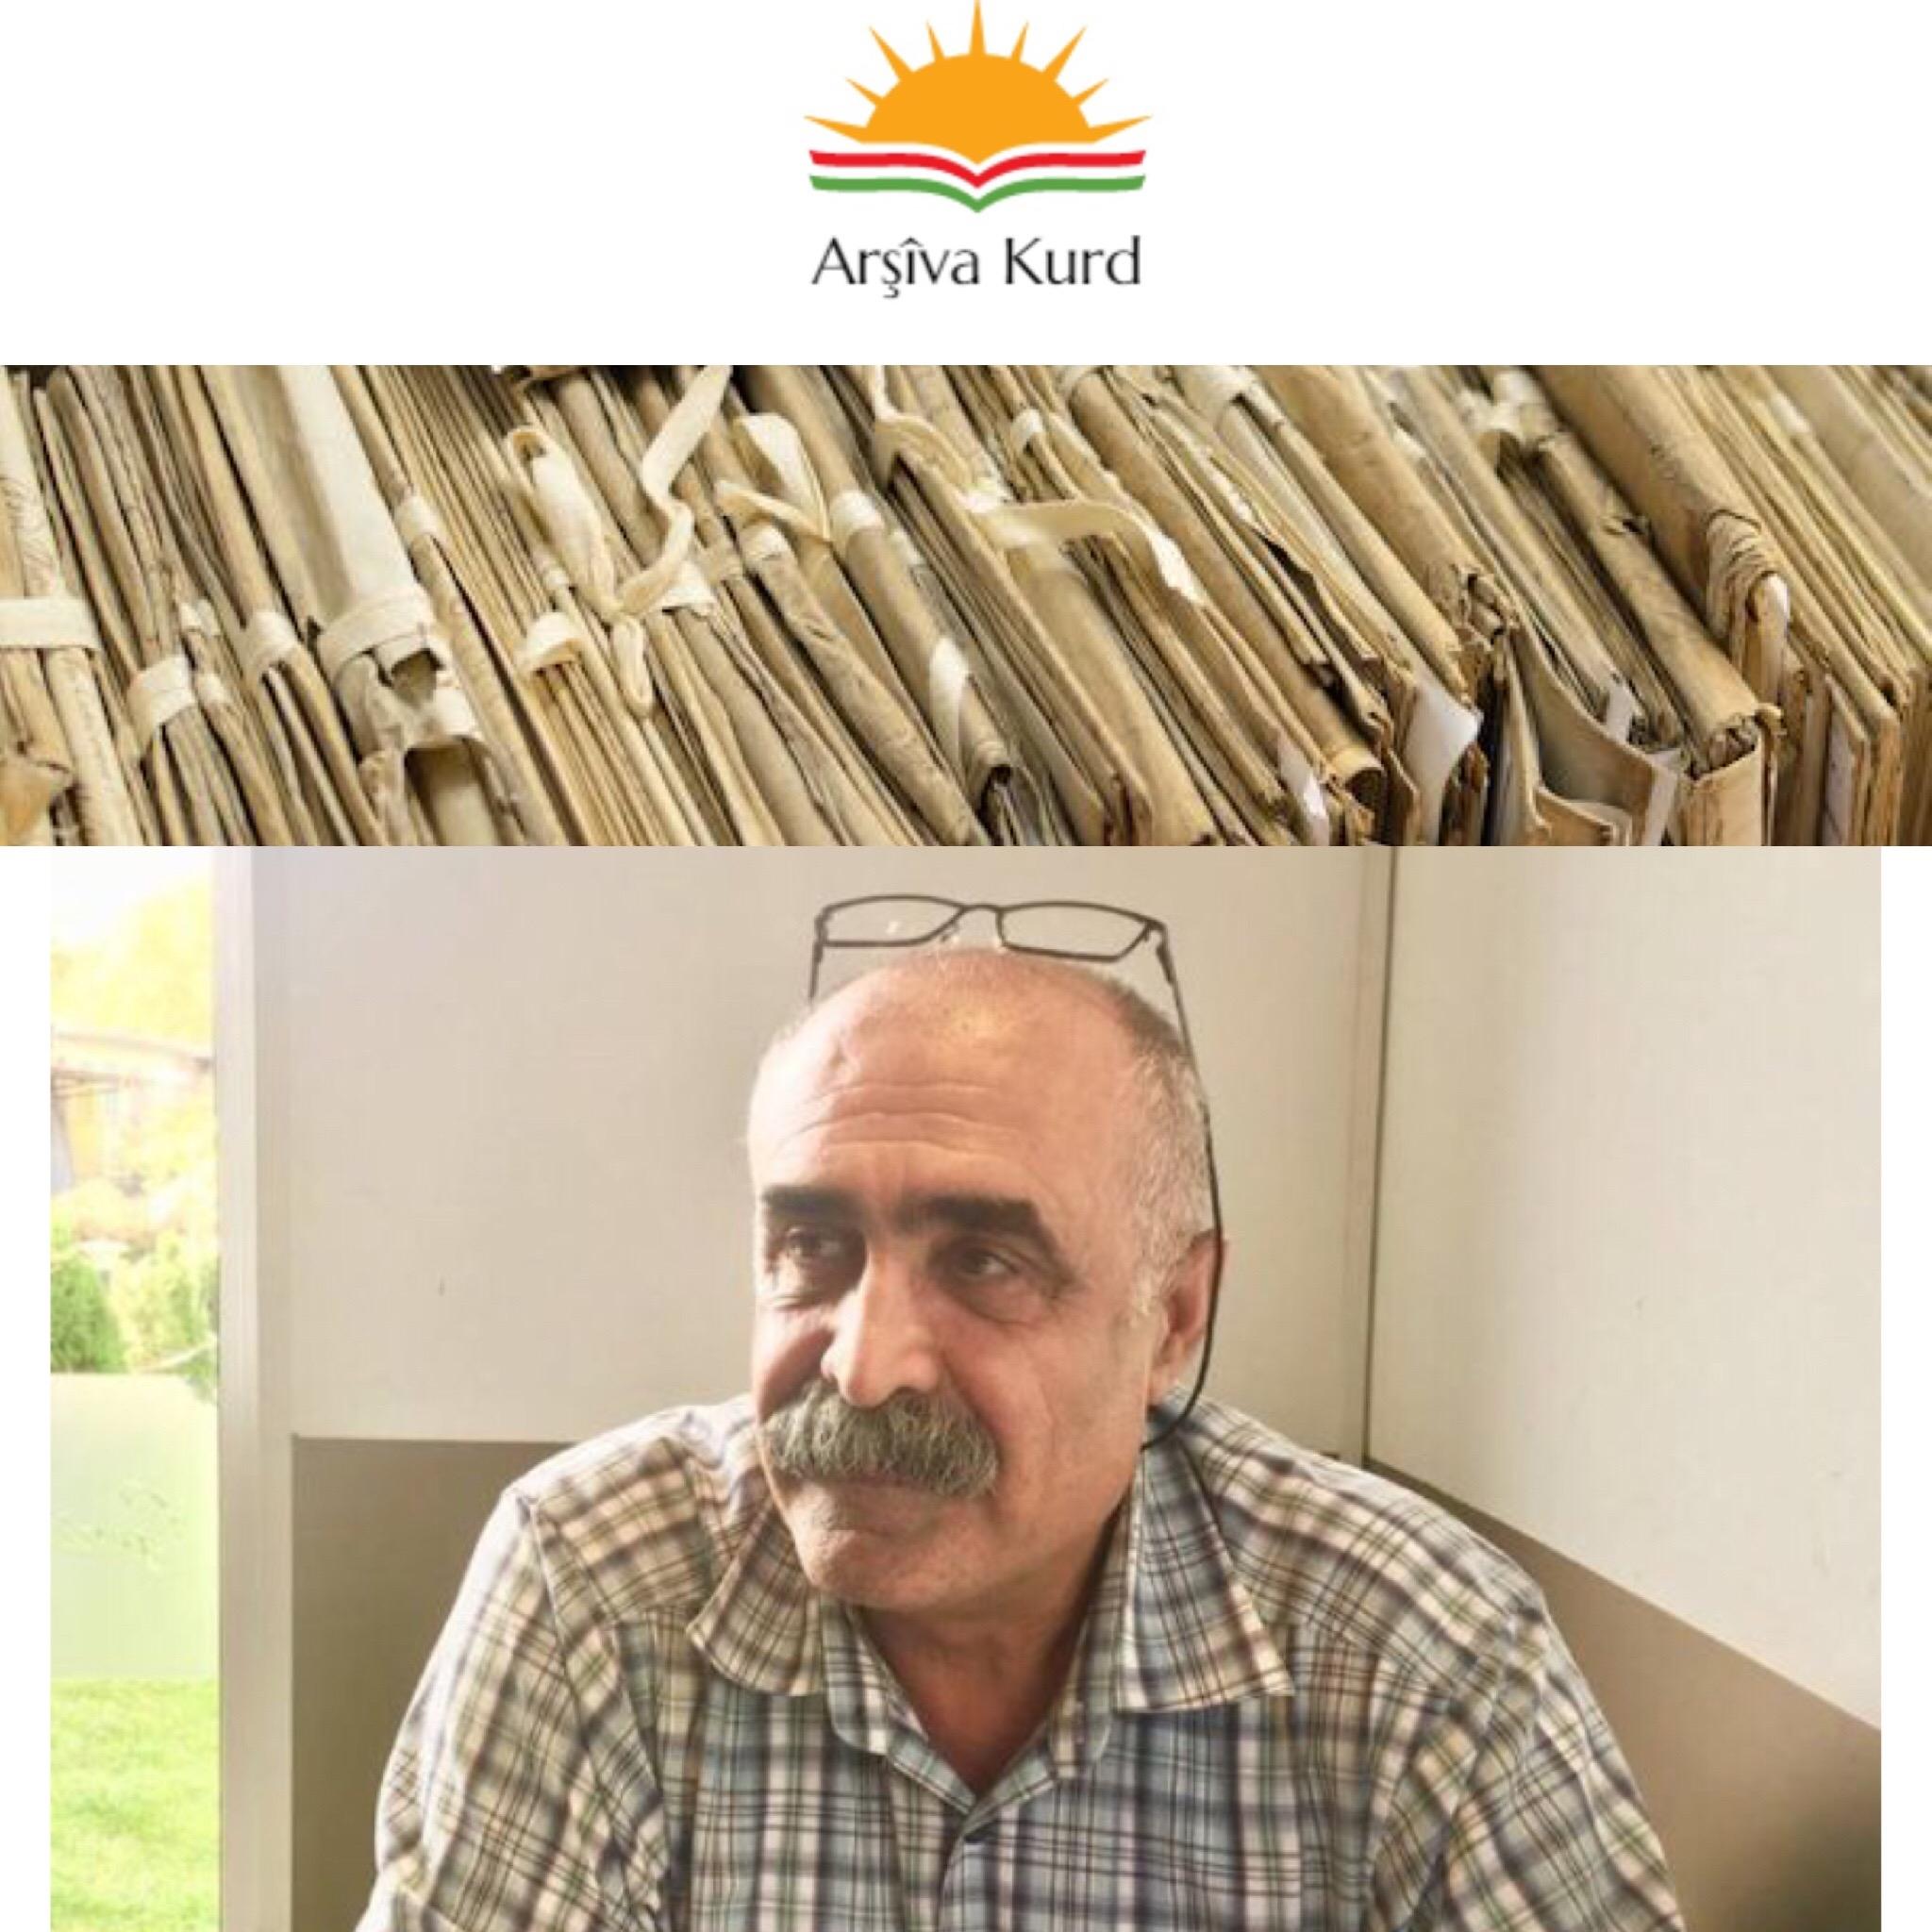 Bîst hezar kovarên kurdî arşîv kirine